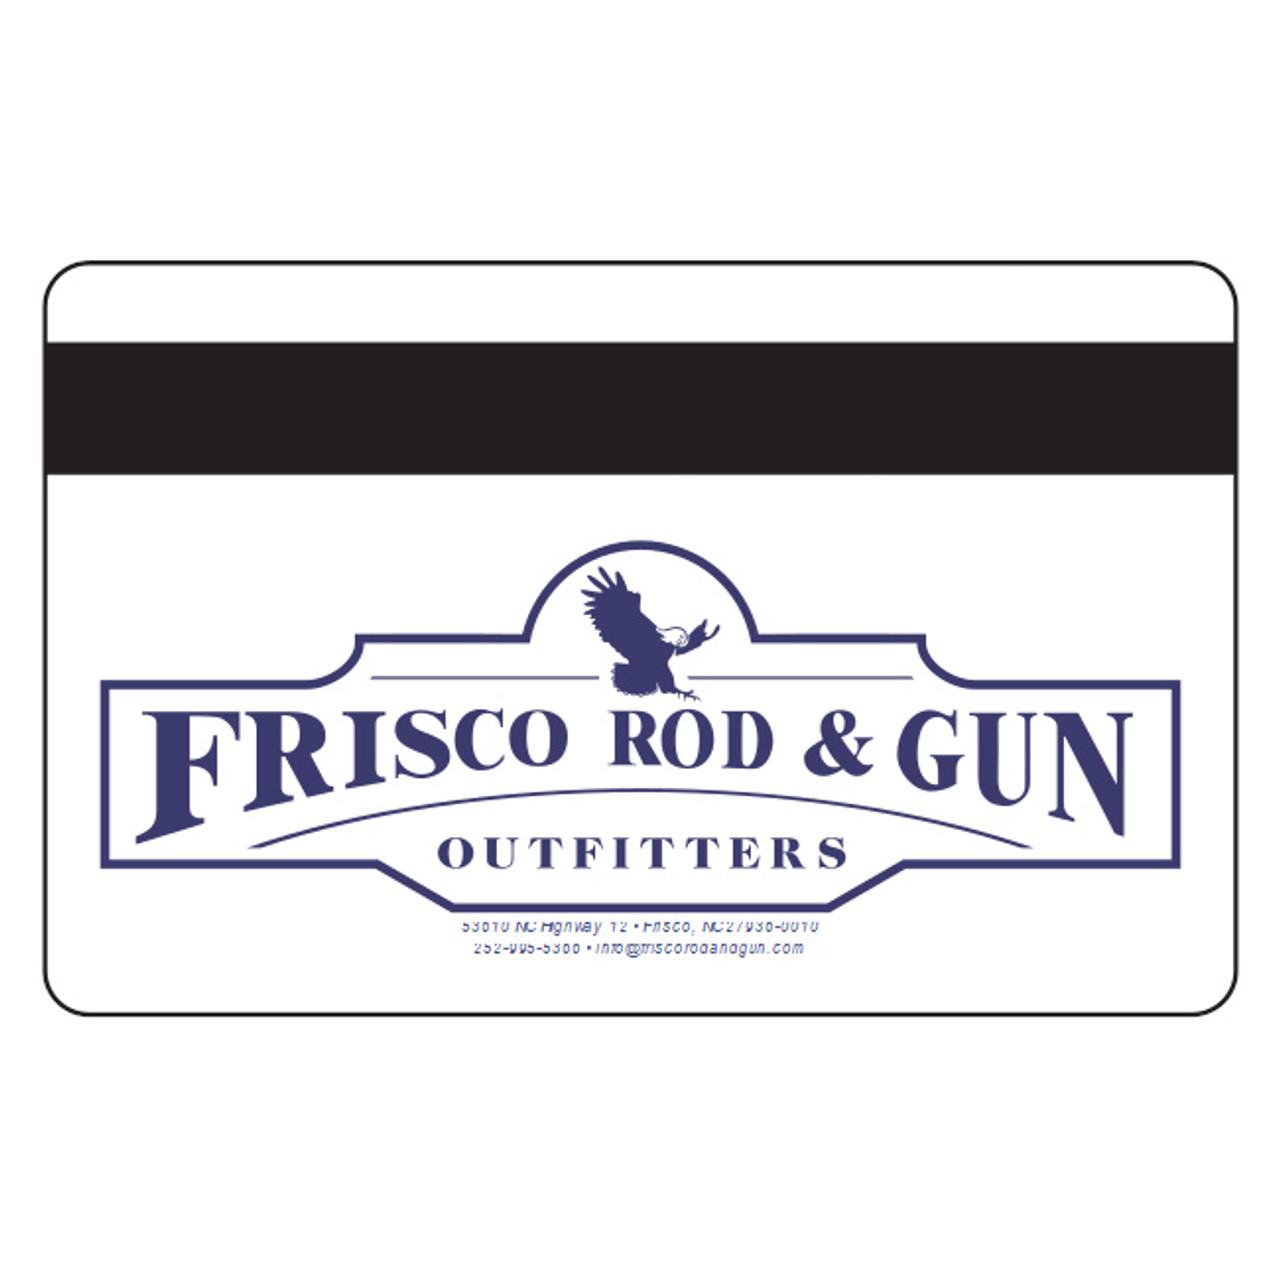 Frisco Rod & Gun Gift Card - Back